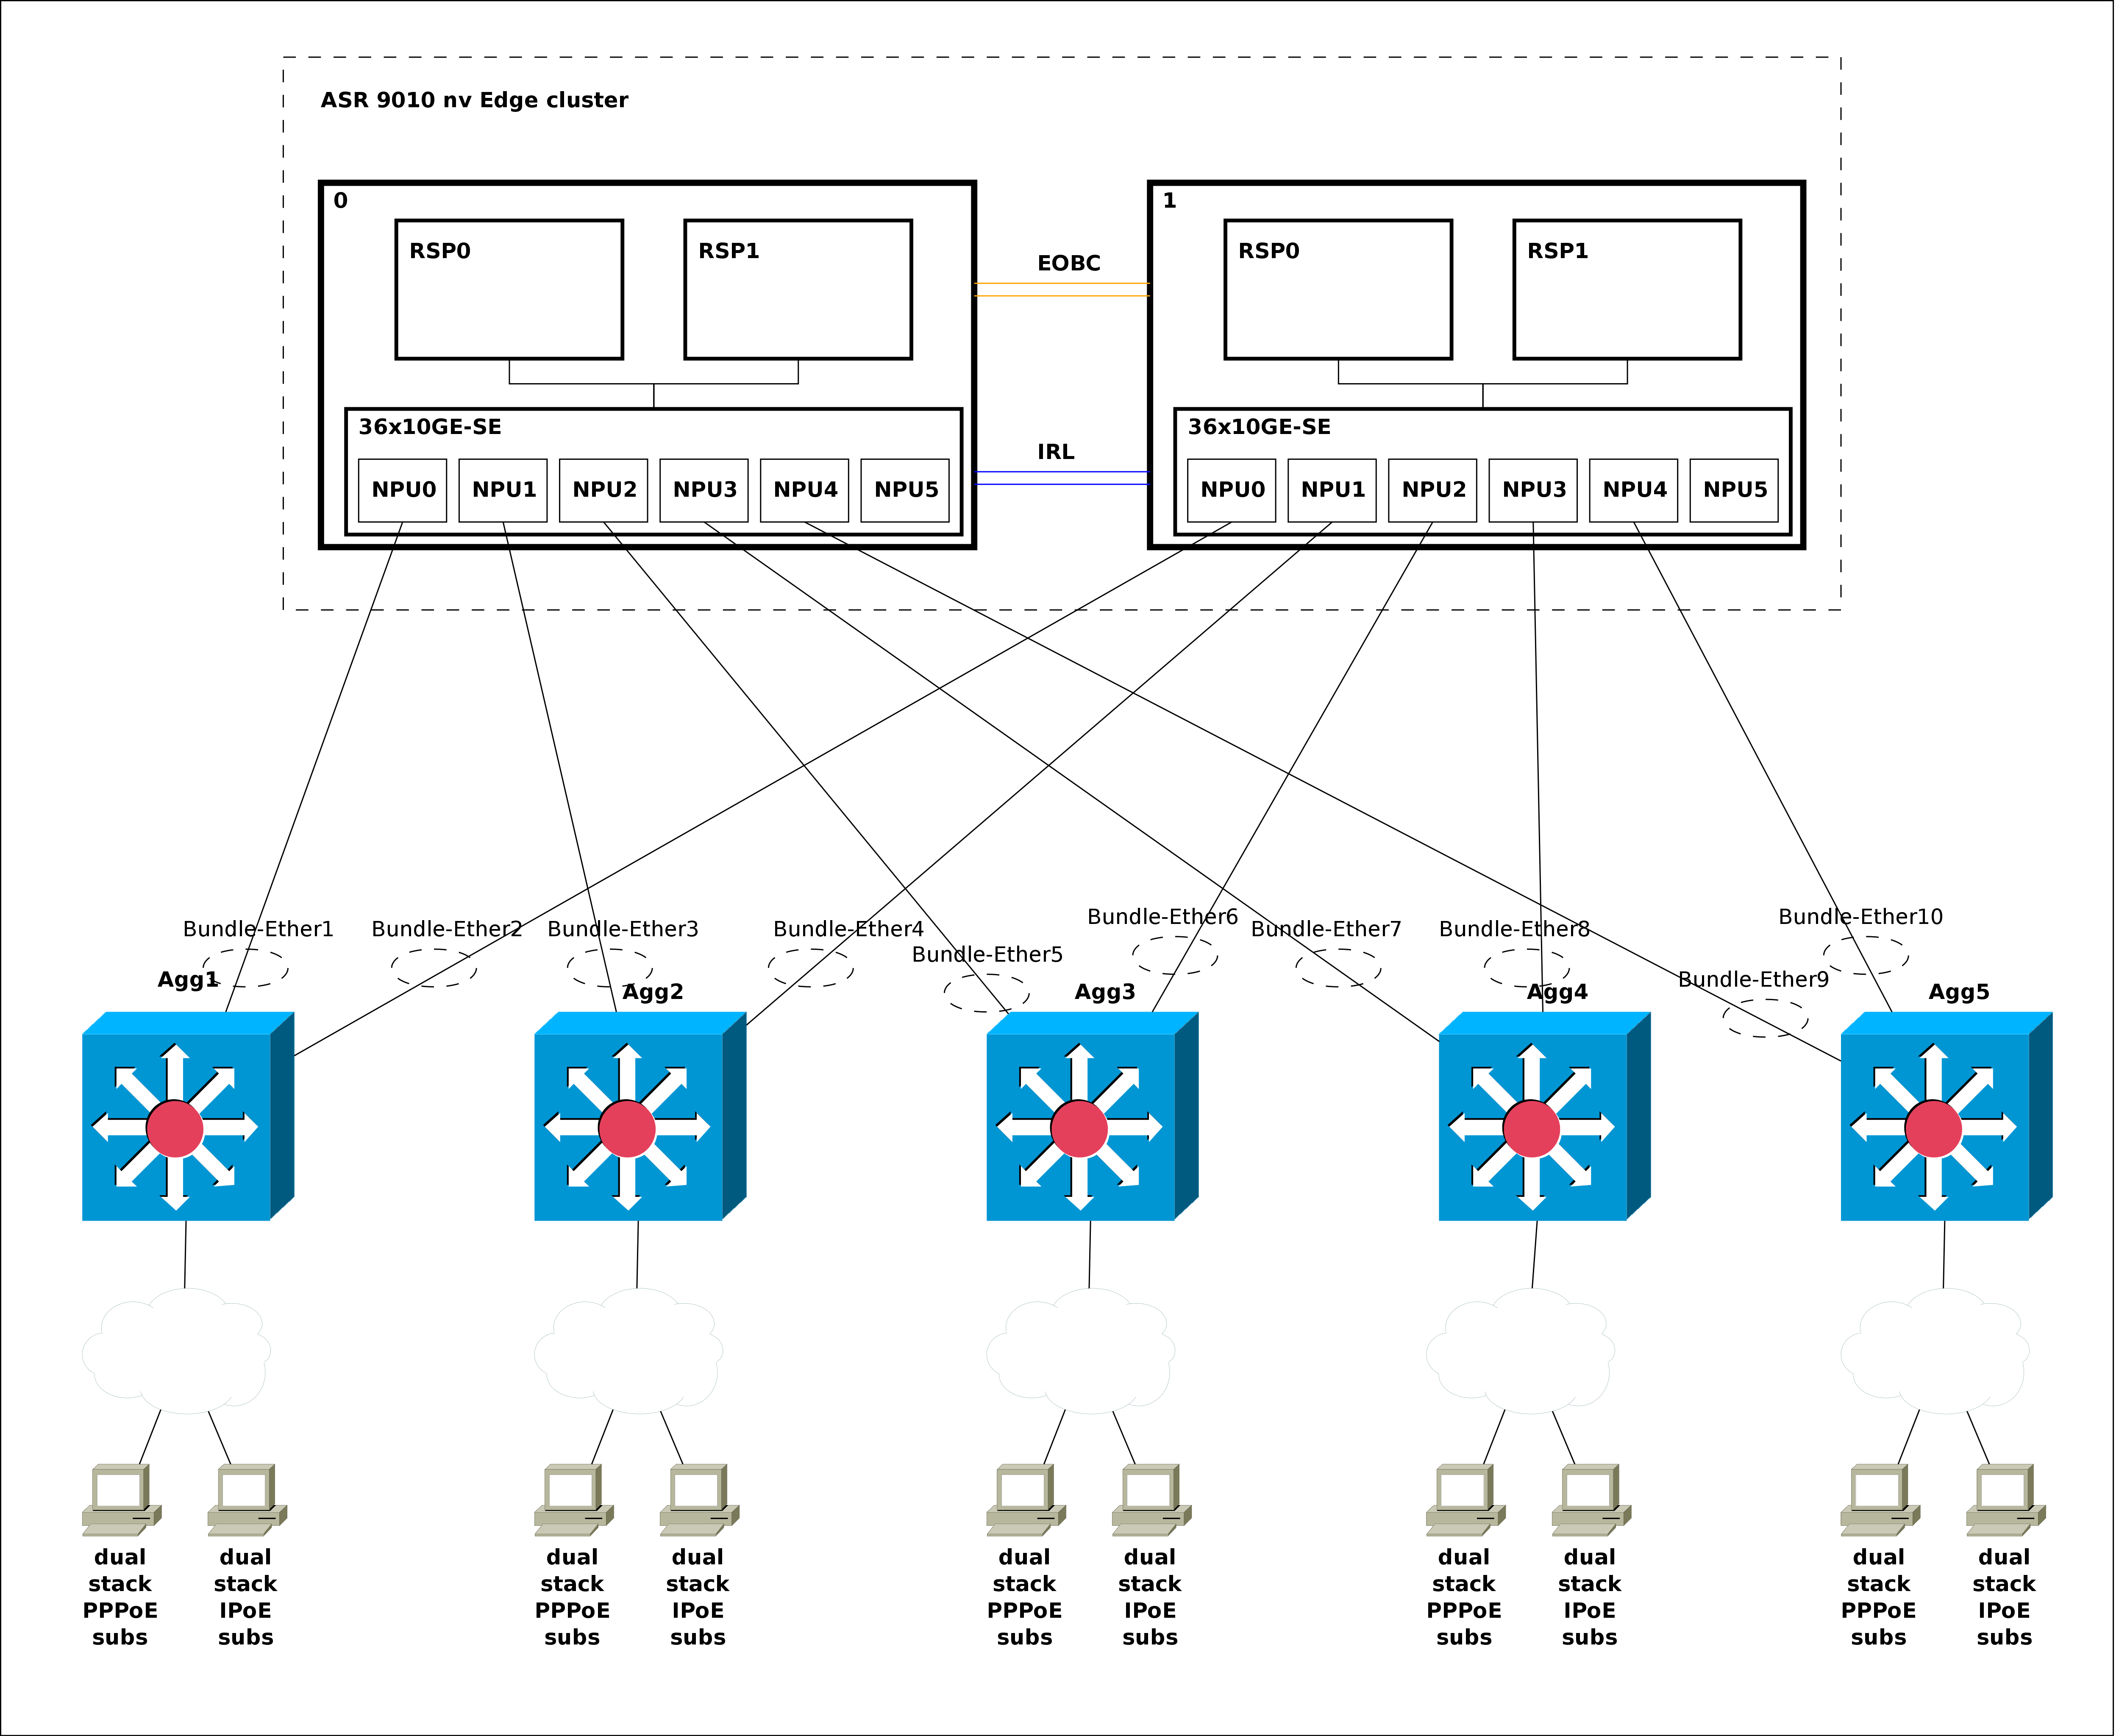 diagram2.png